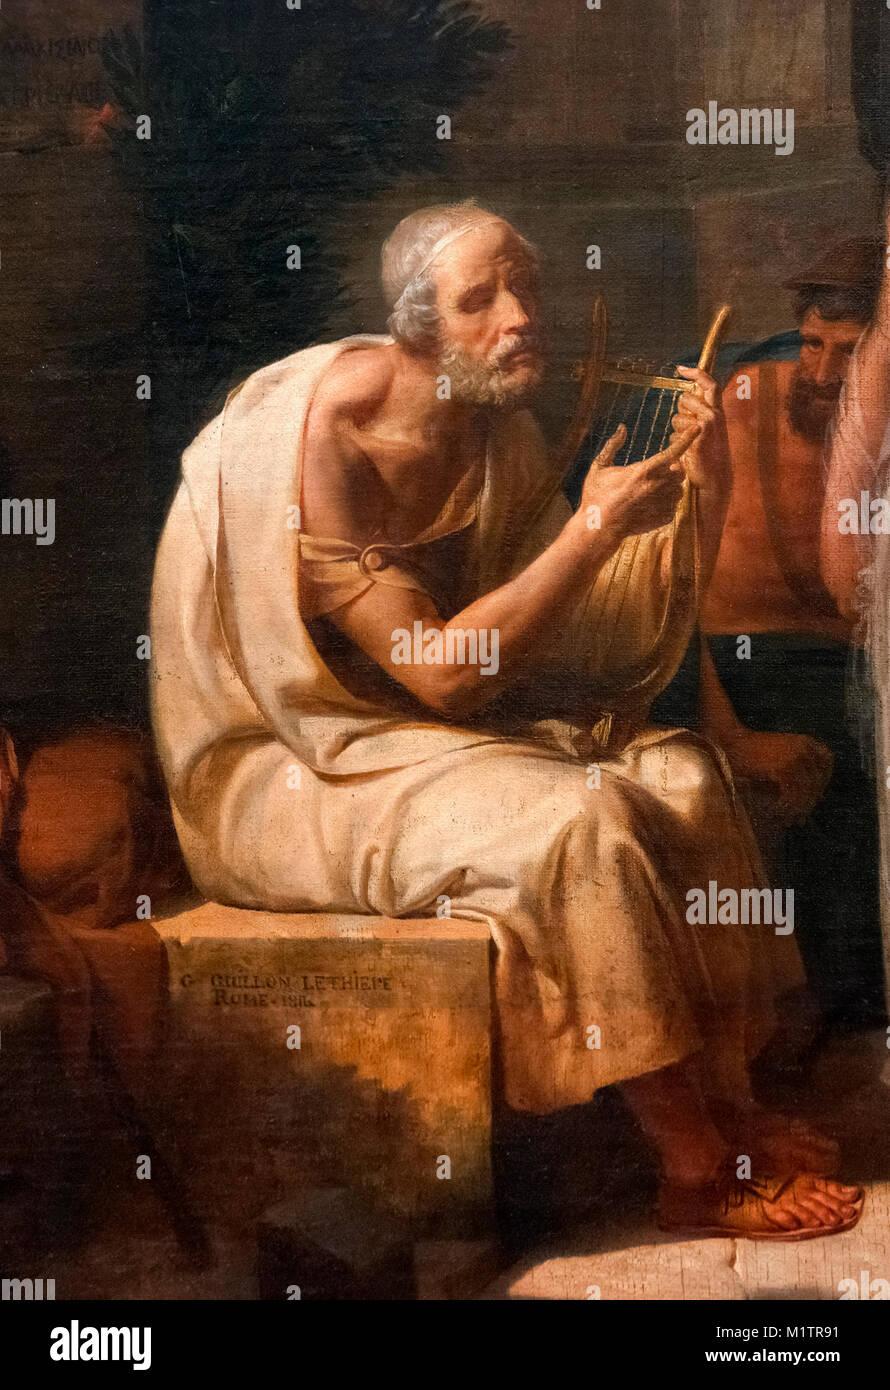 Homer singt seine Ilias im Tor von Athen von Guillaume Lethiere (1760-1832), Öl auf Leinwand, 1811. Von einer Stockbild